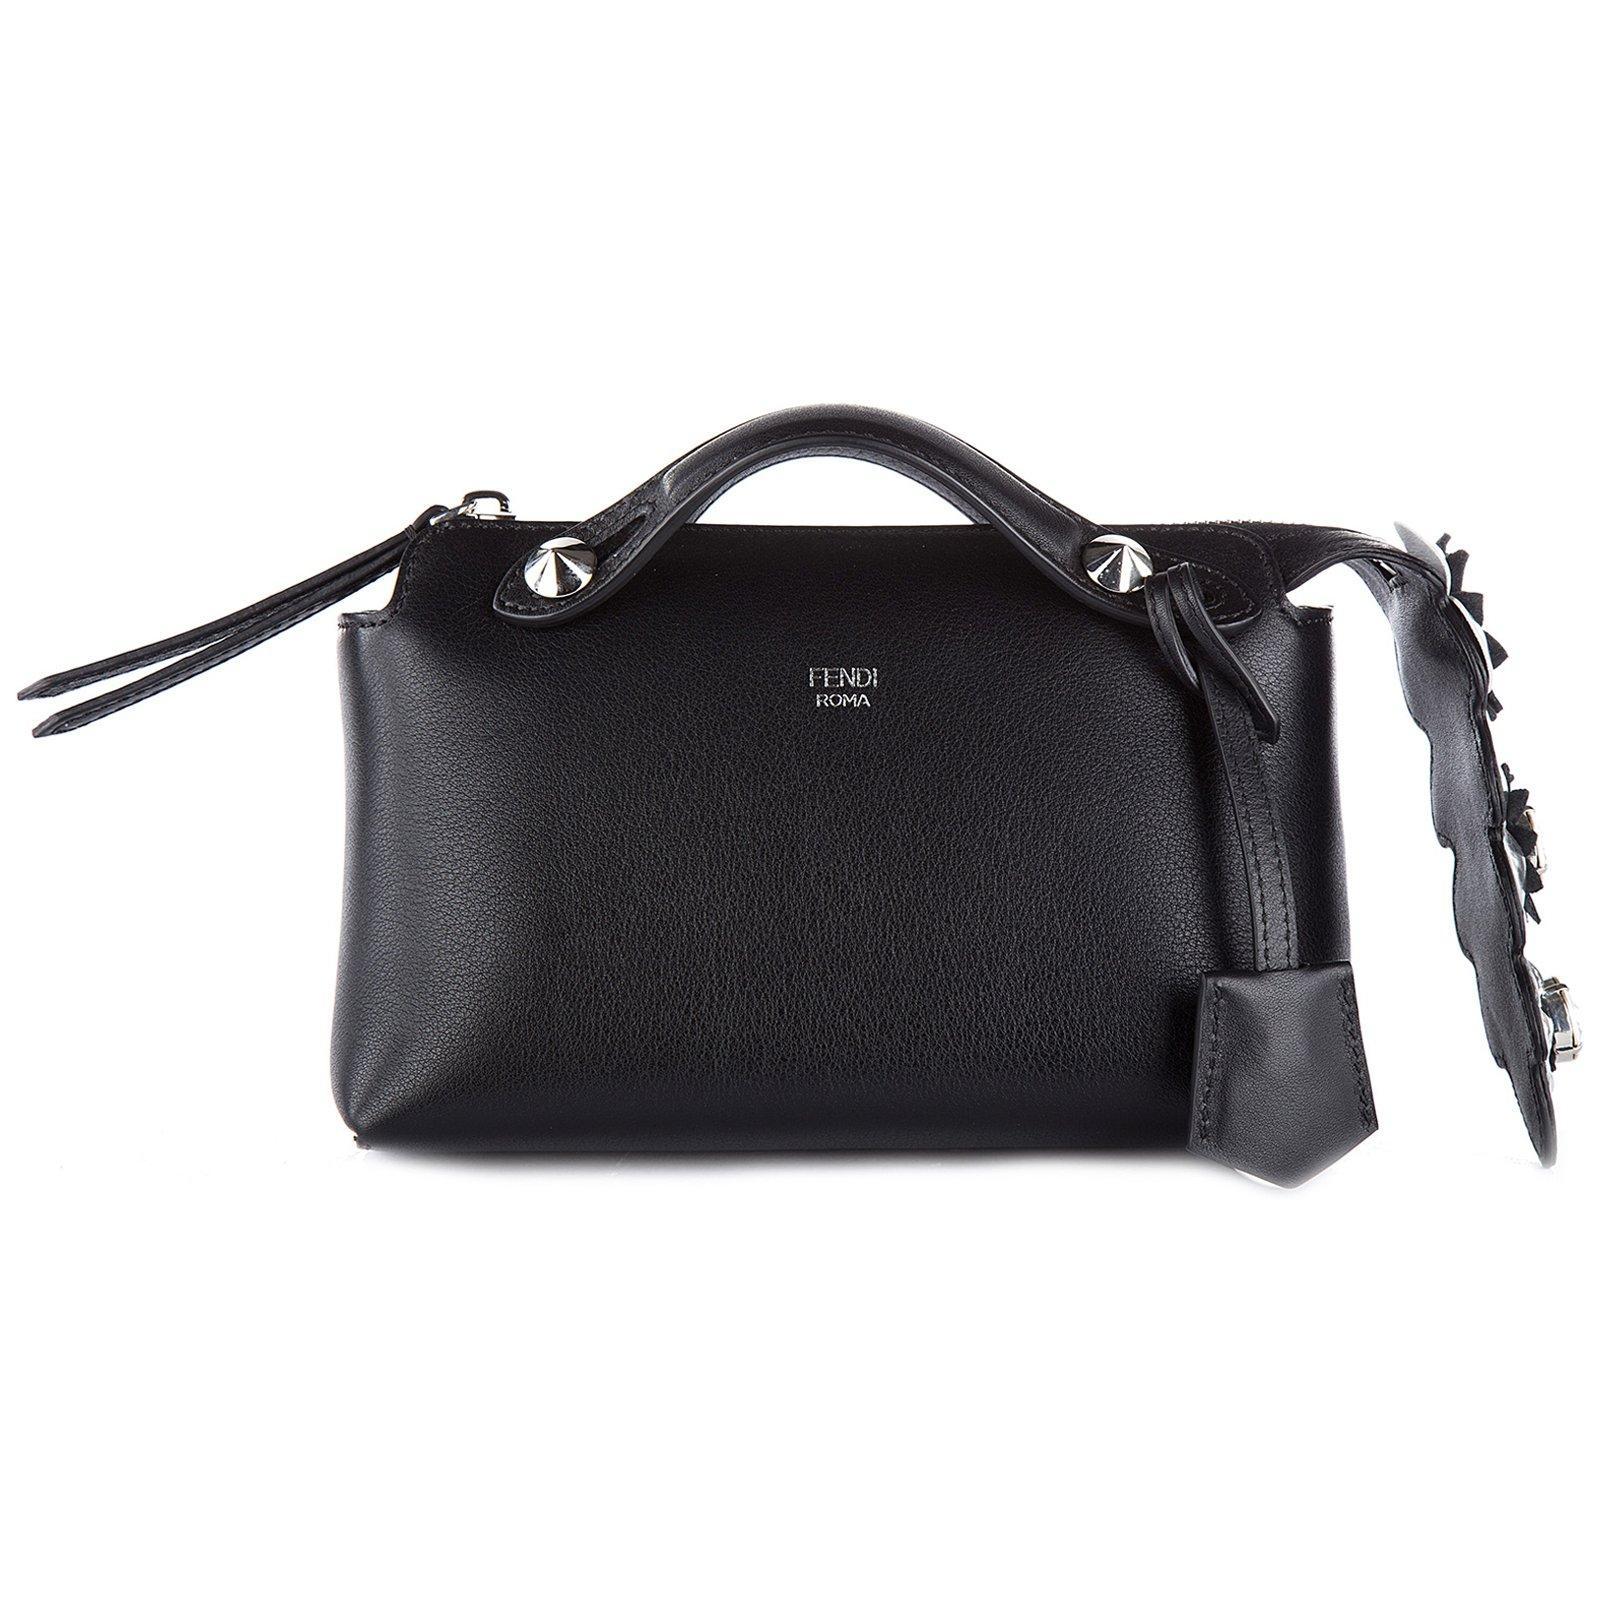 Fendi By The Way Mini Bag In Black. CETTIRE 92e564333c755